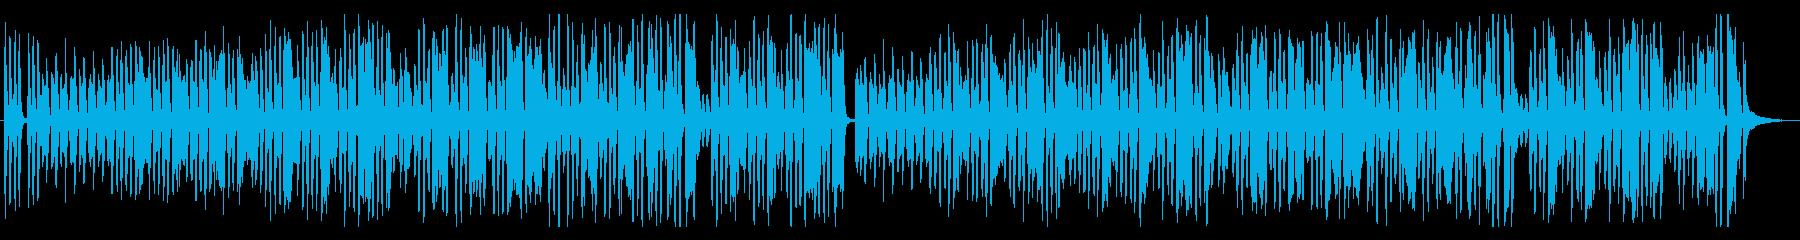 愉快で可愛らしい音楽の再生済みの波形